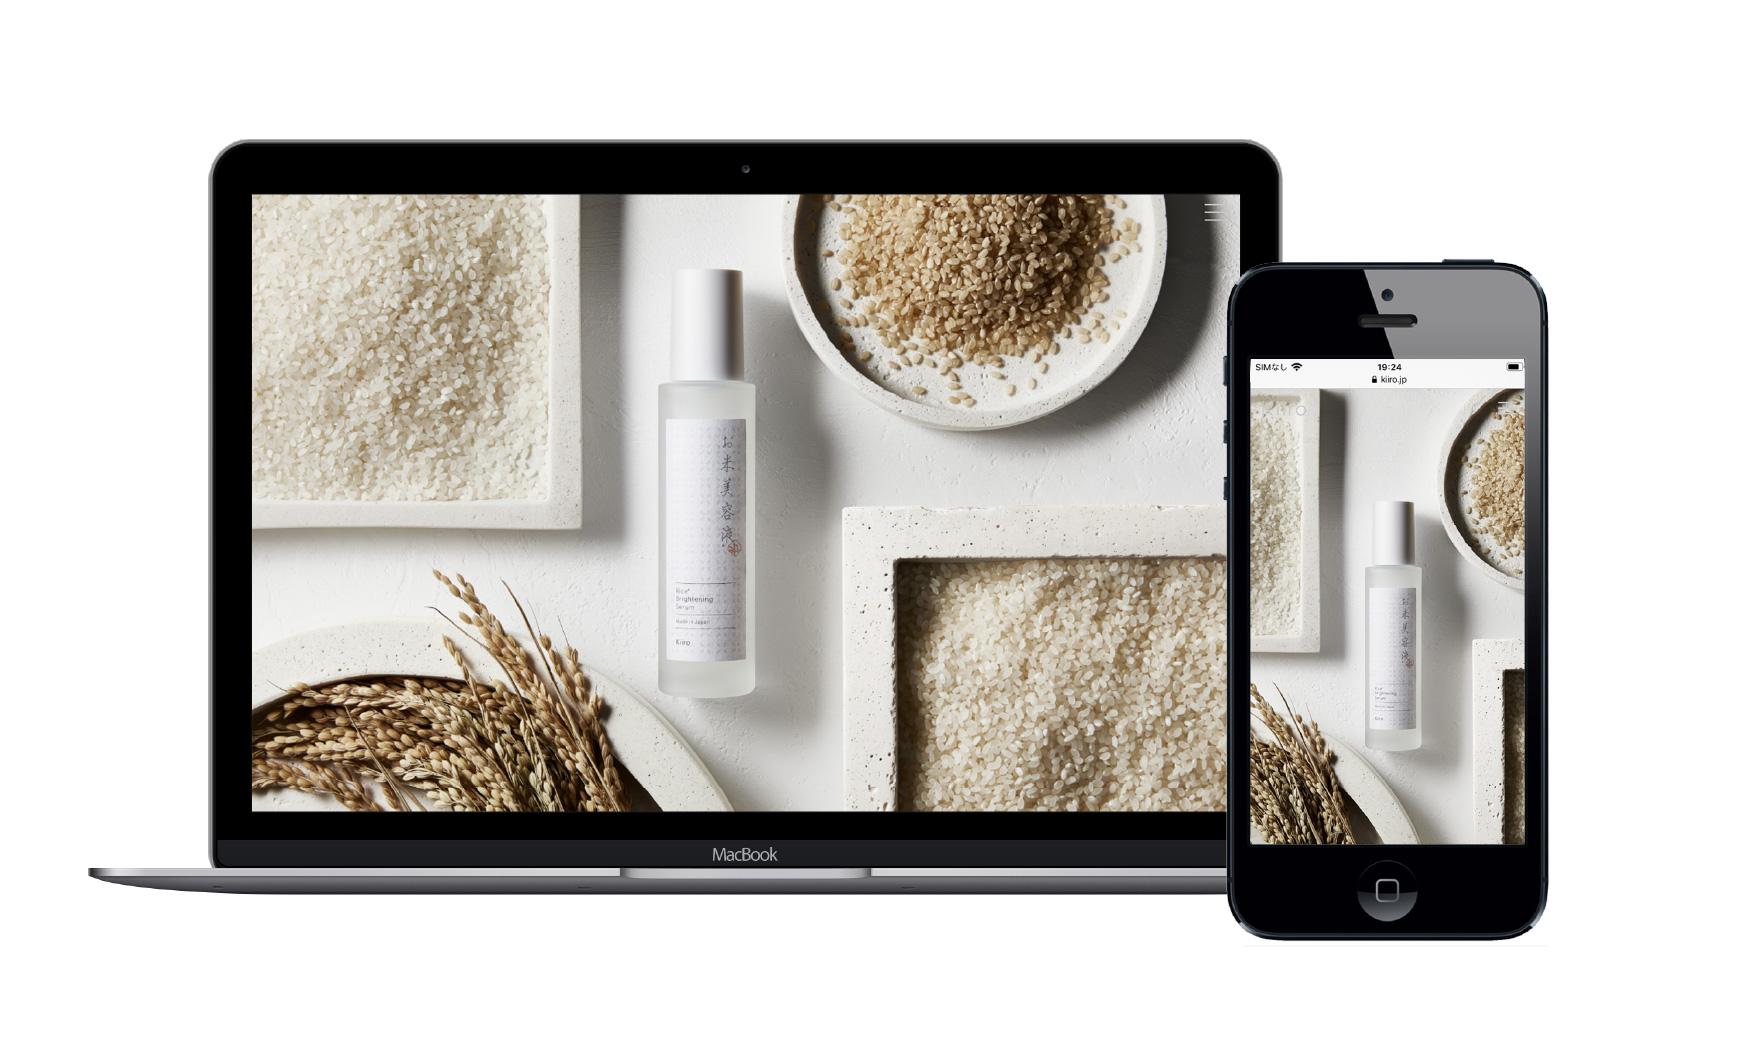 コスメお米美容液webデザイン画像